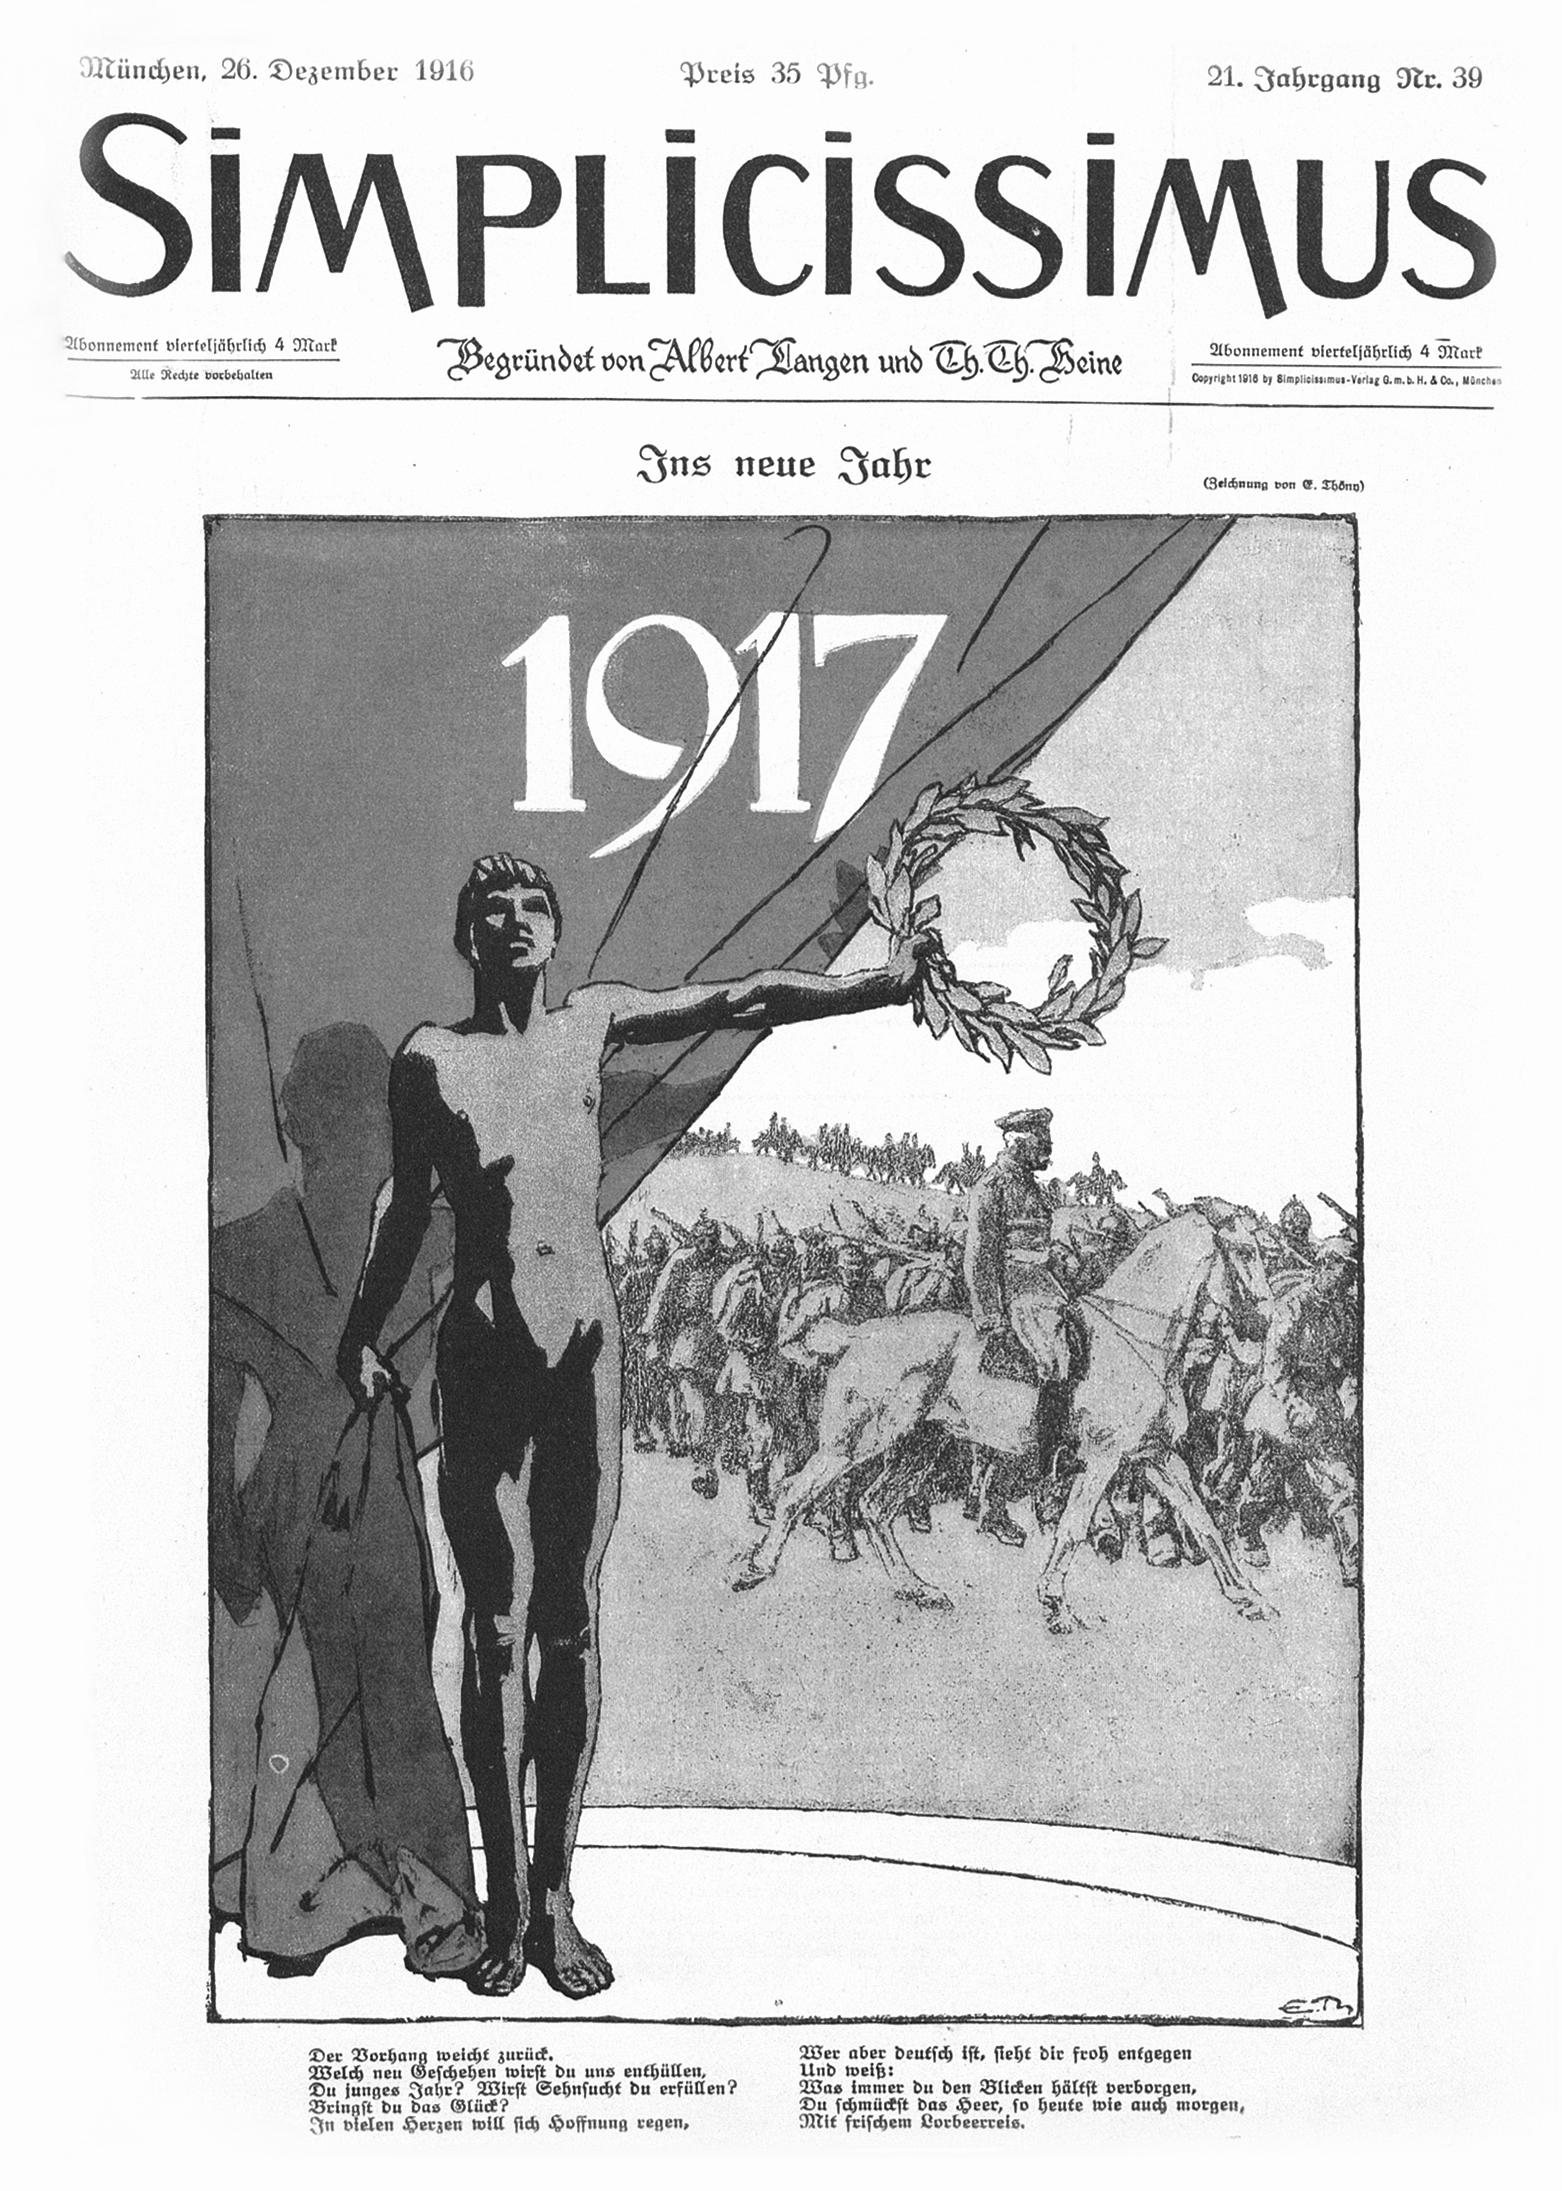 Mourir et résister   le paradoxe 1917 dans l hebdomadaire satirique ... 940c6e75d2b